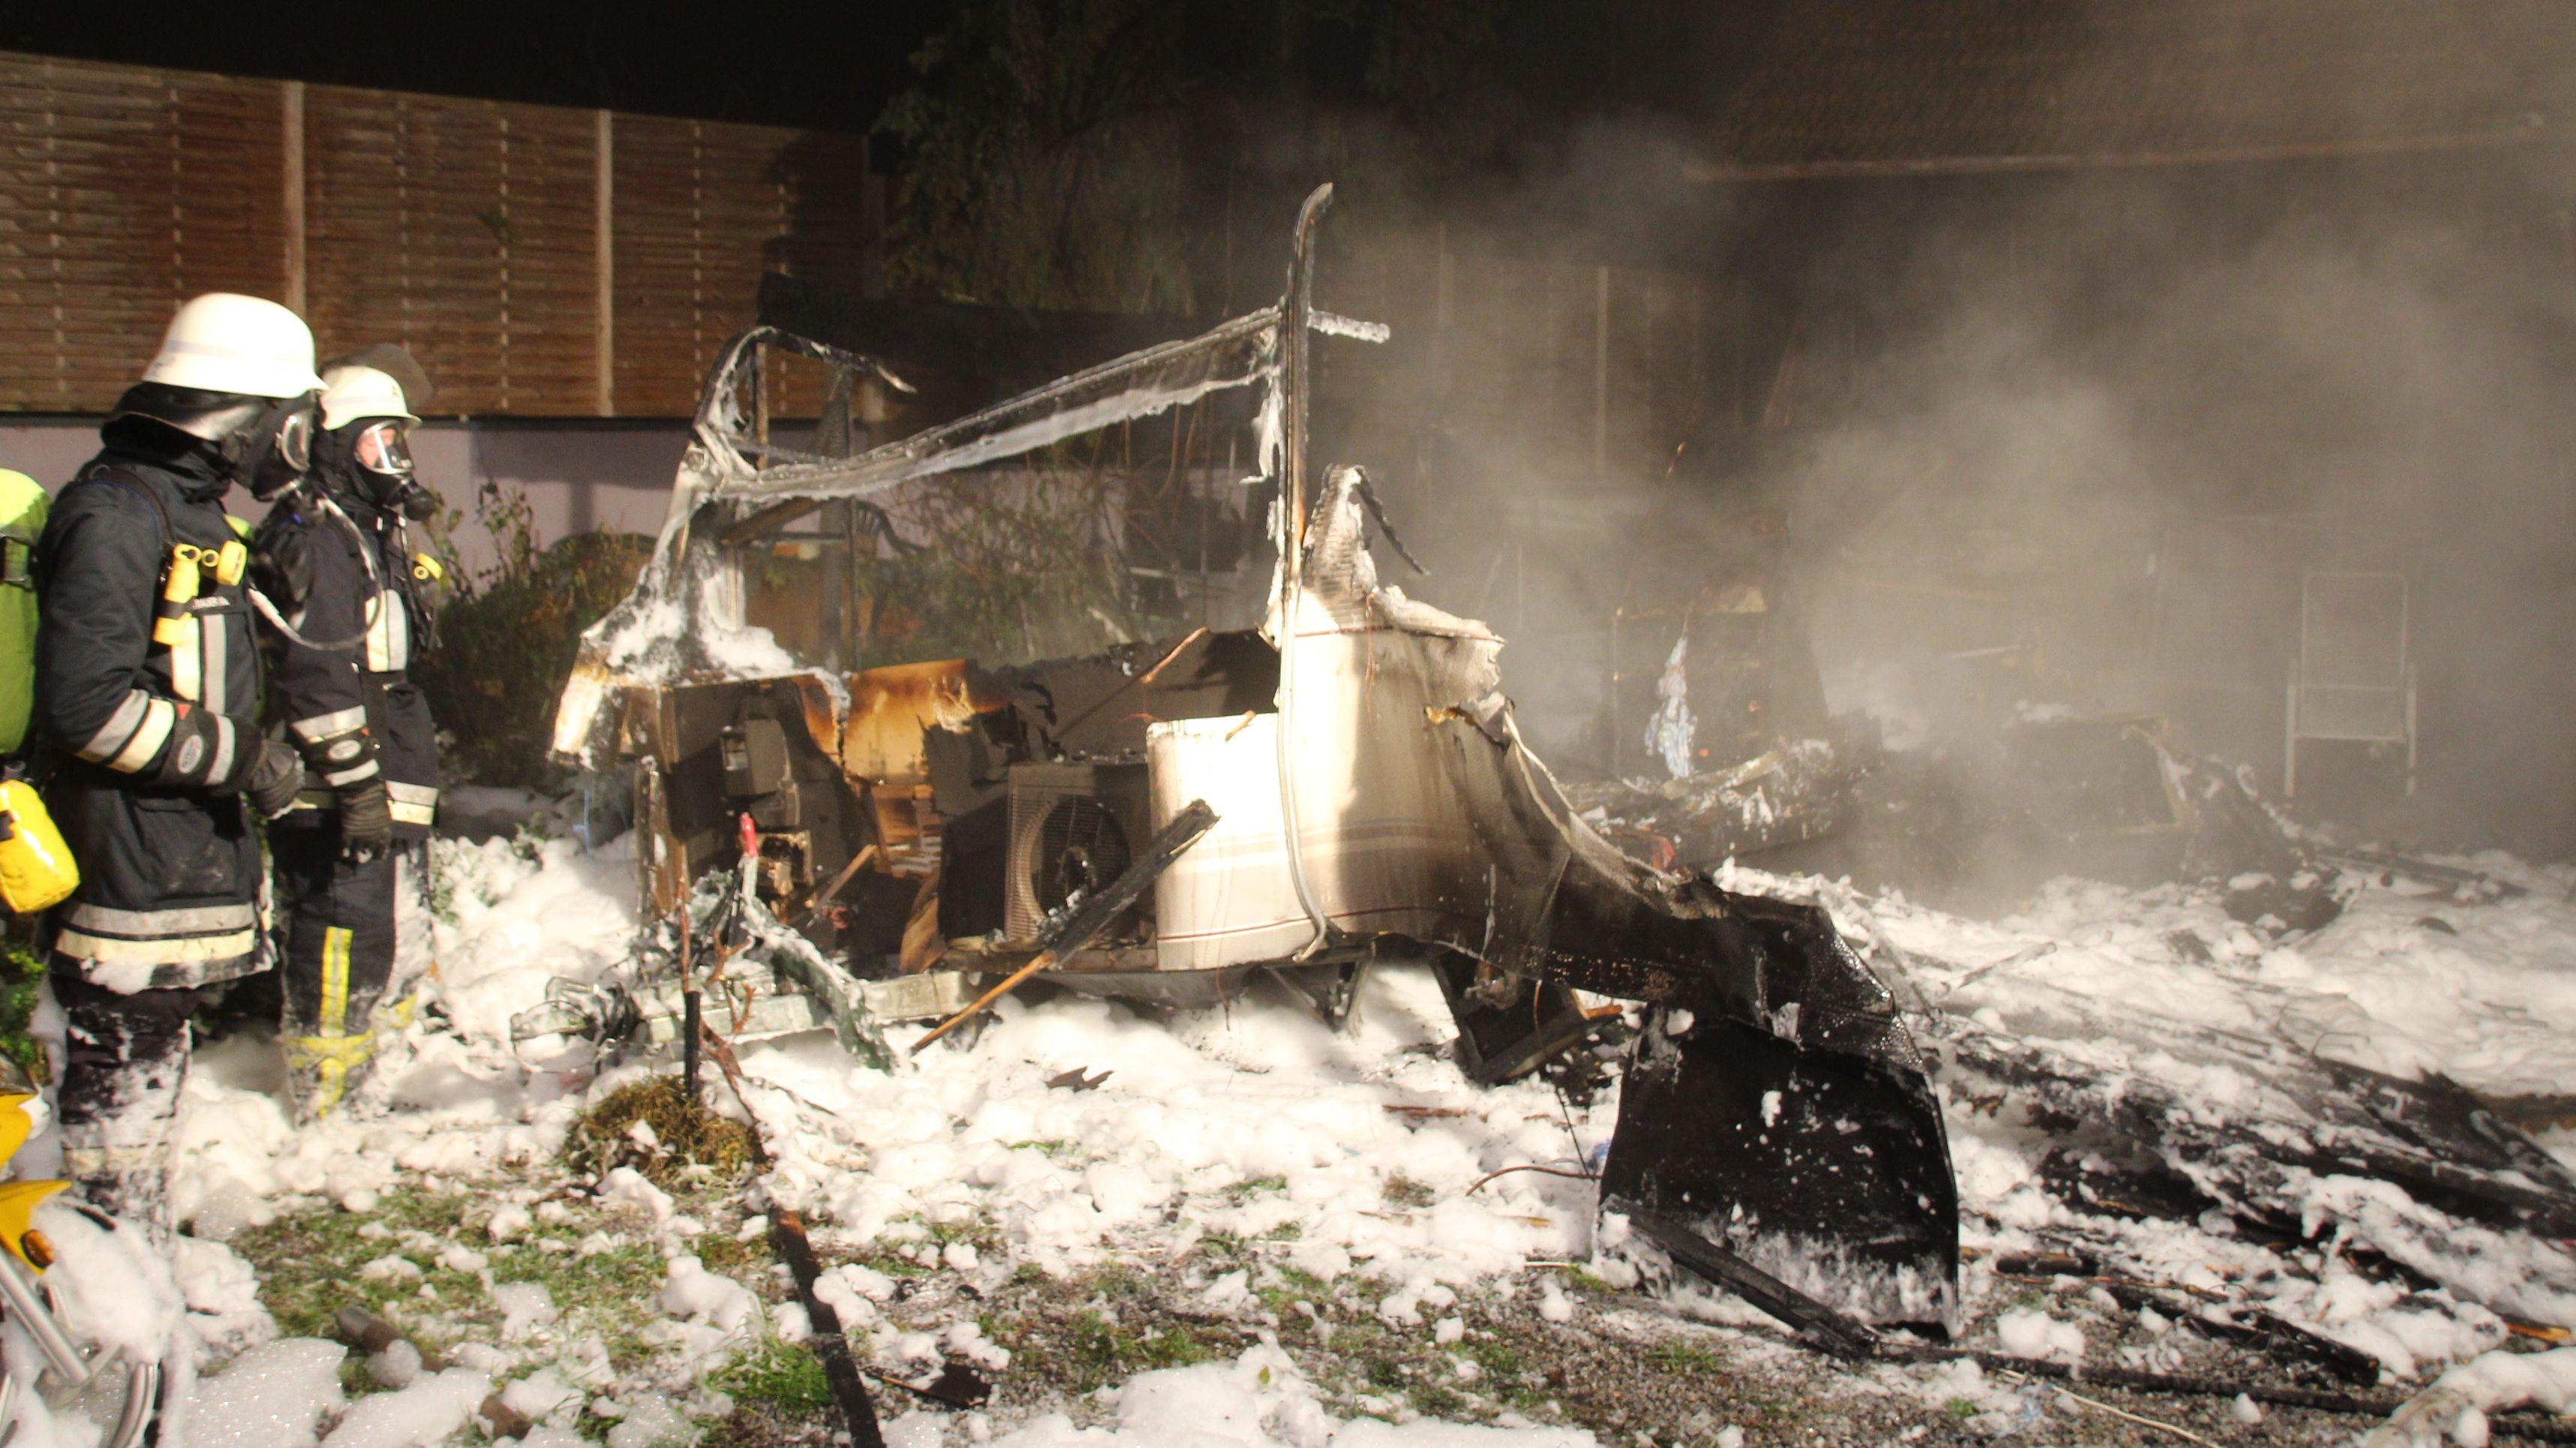 Bei einer Gasexplosion wurden zwei Menschen schwer verletzt - von dem Wohnwagen ist nicht mehr viel übrig.